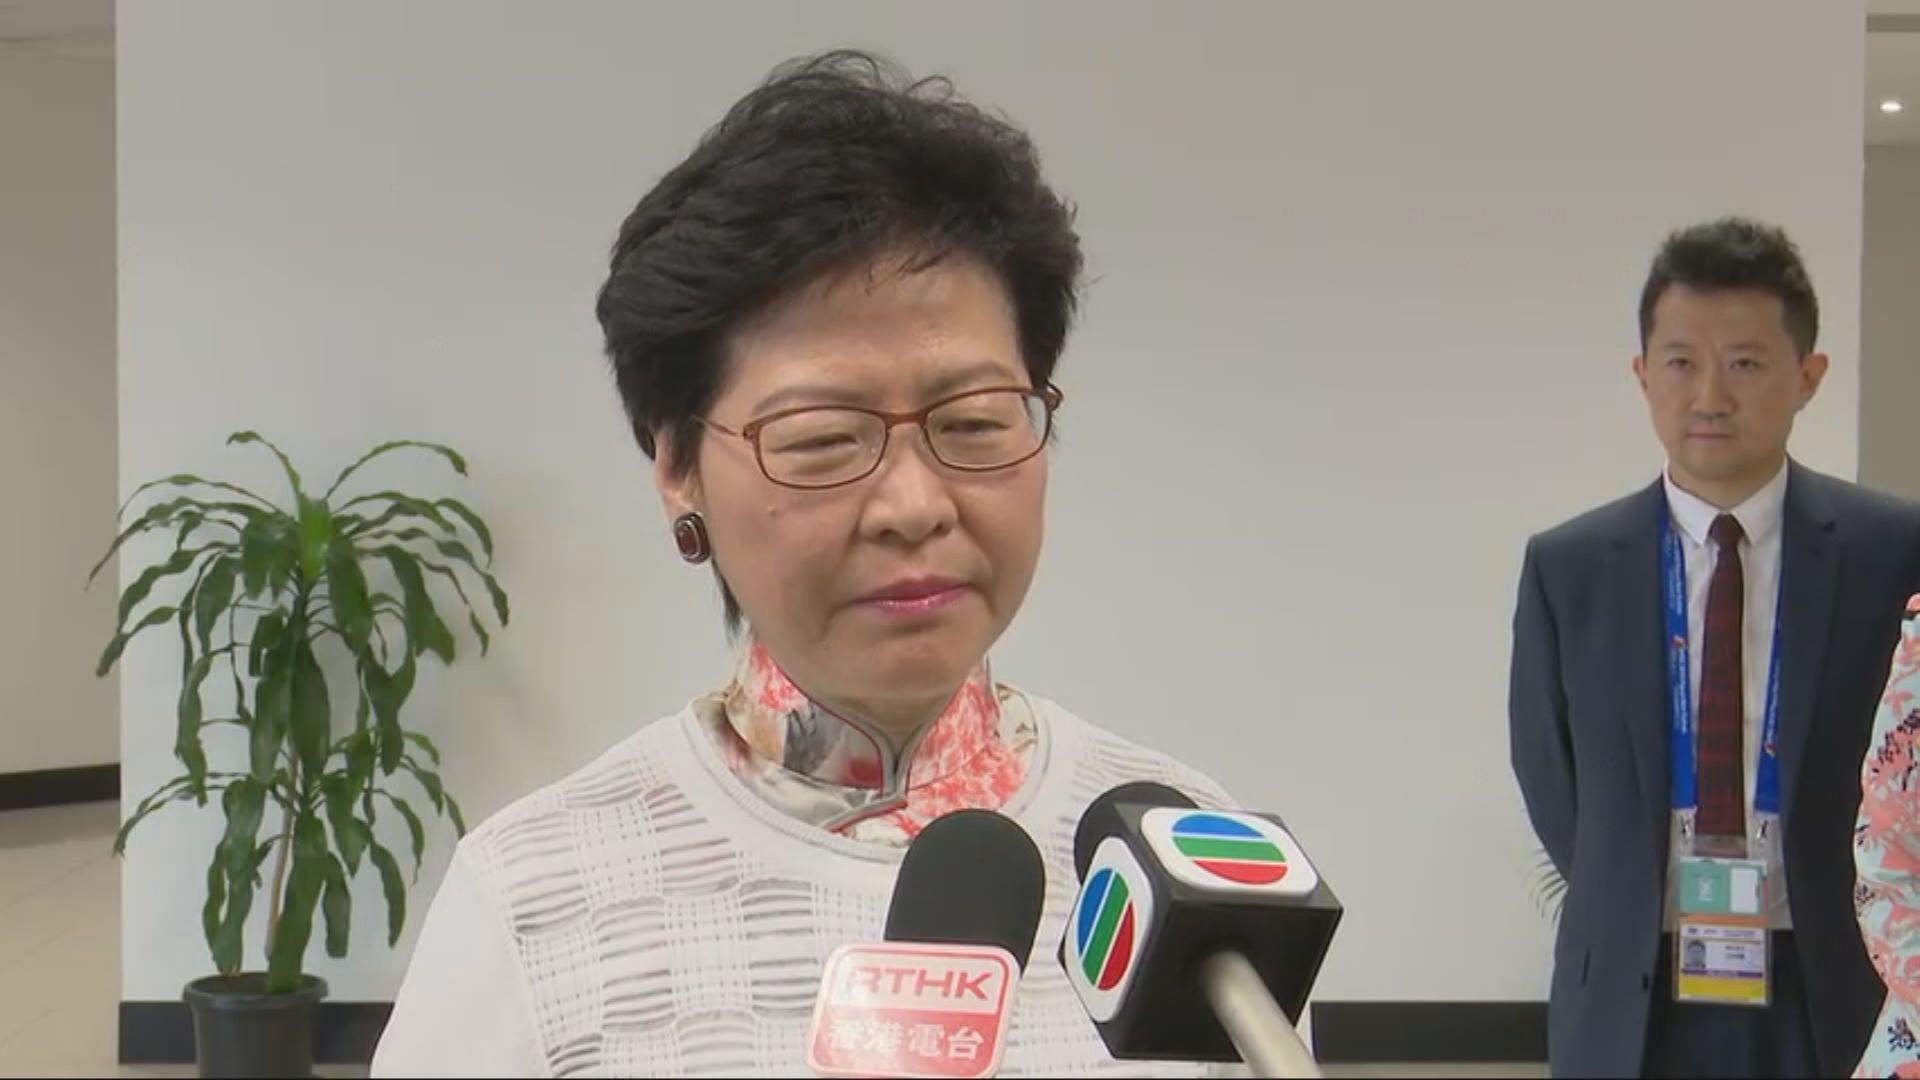 英議員擬譴責控佔中案 林鄭:反感亦反對